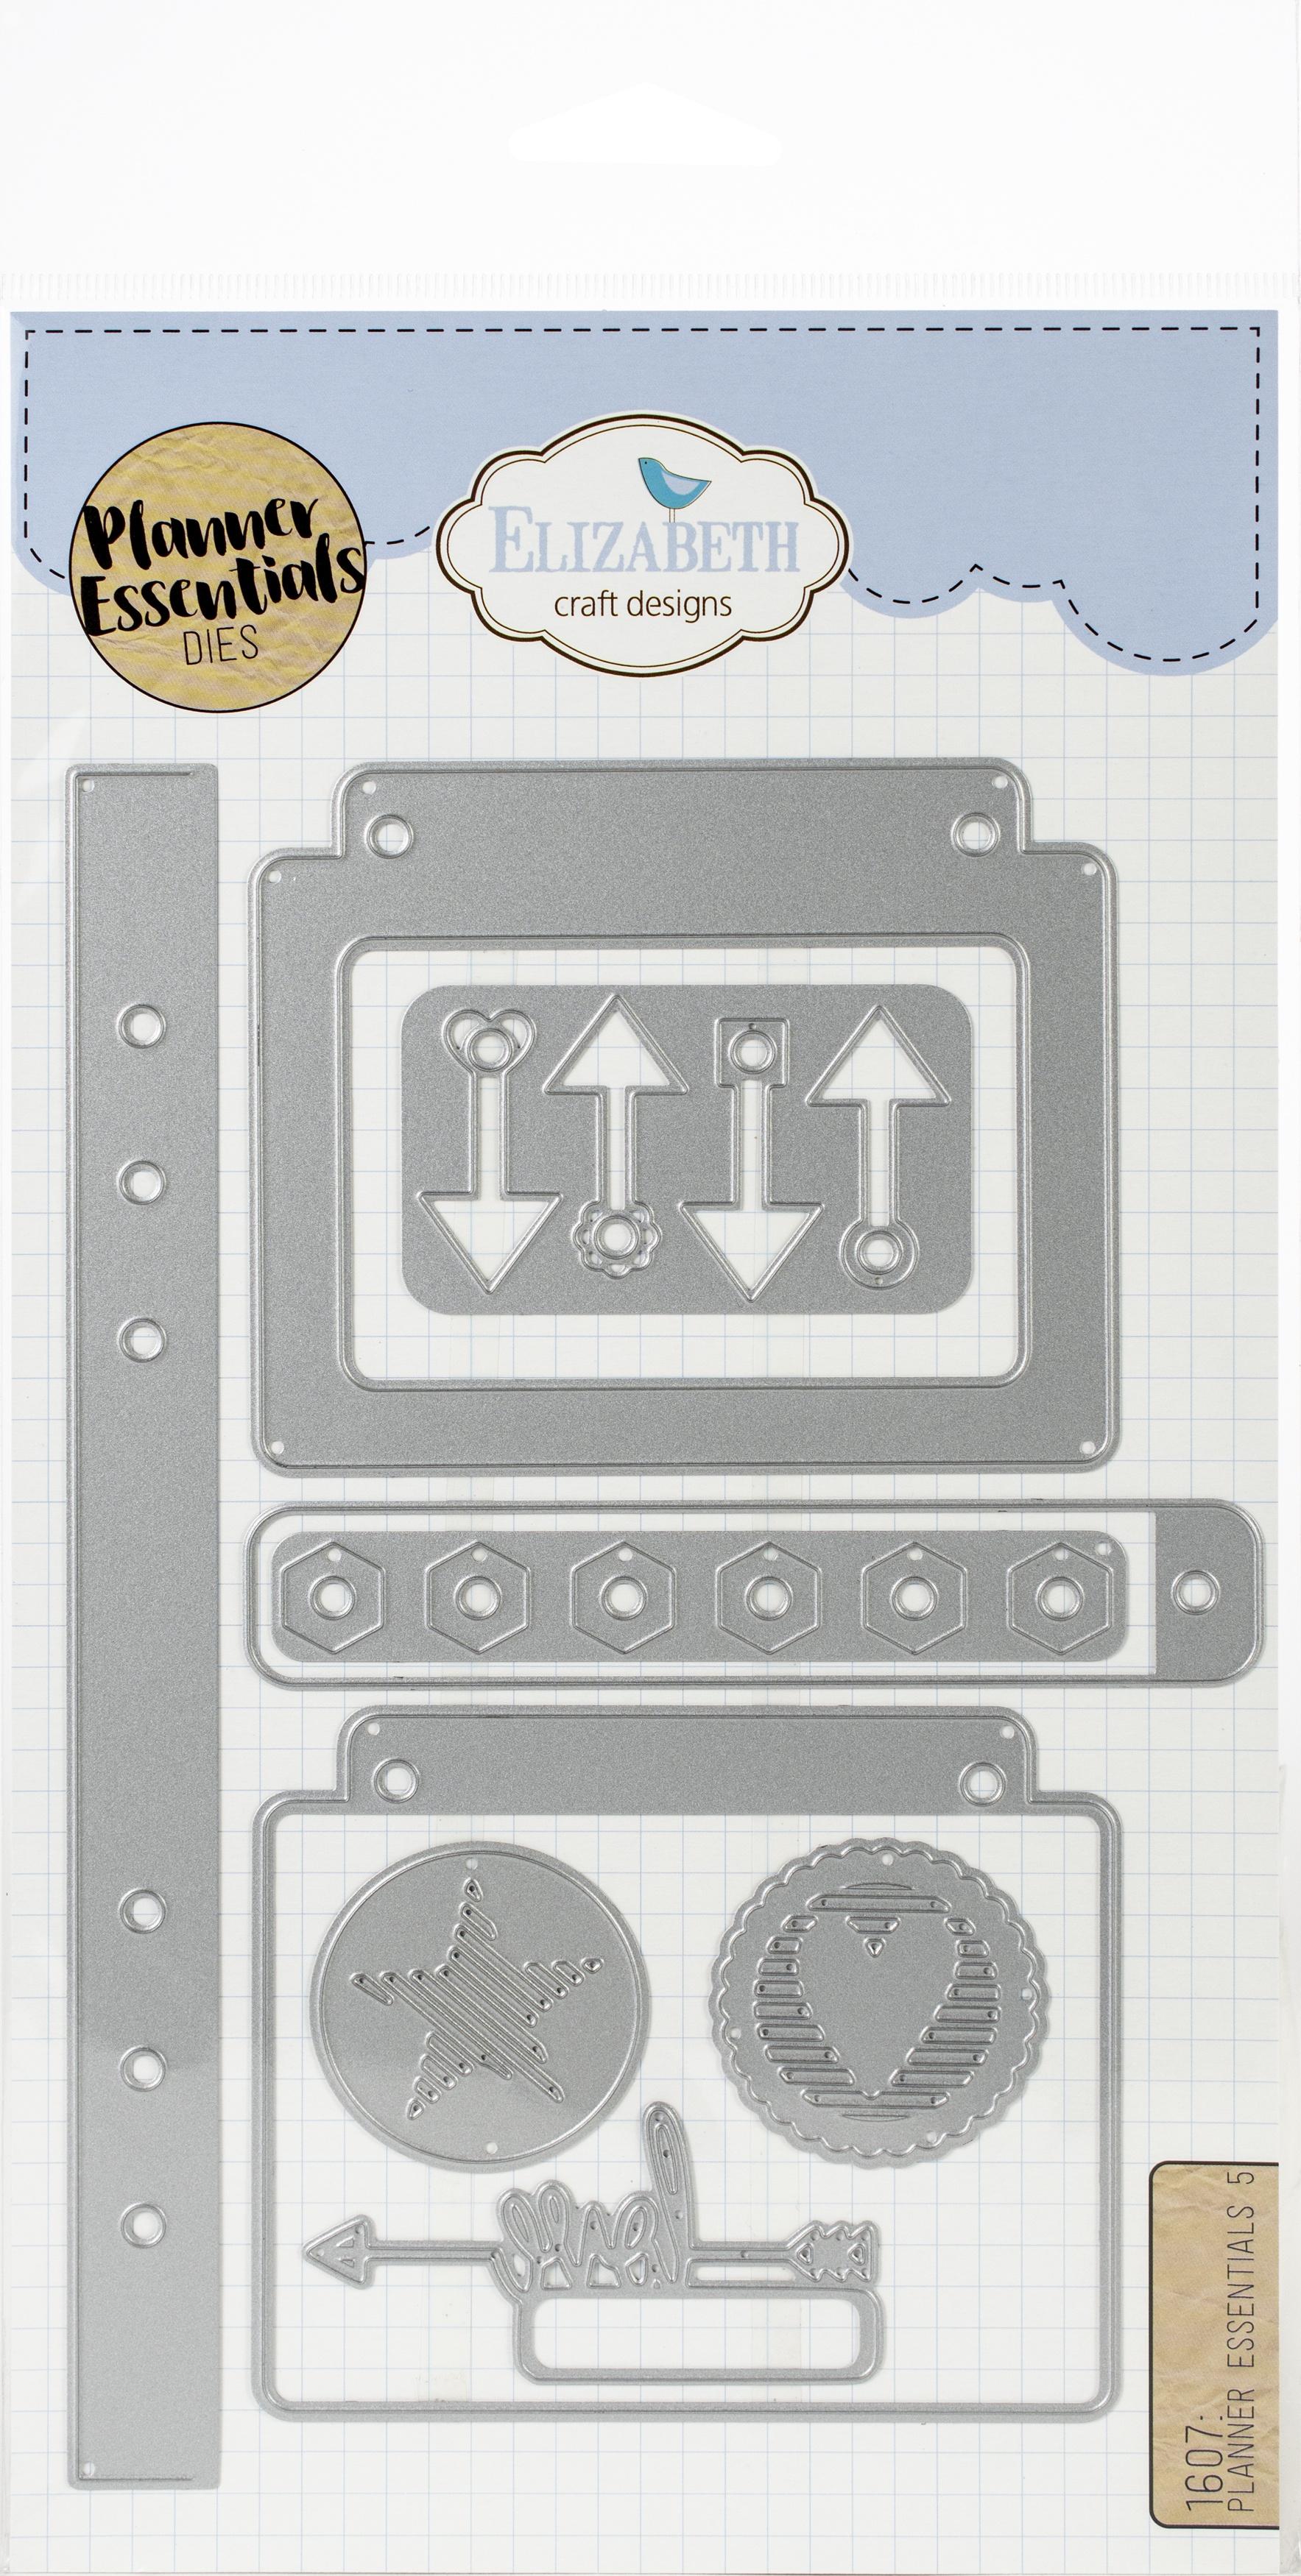 Elizabeth Craft Metal Die-Planner Essentials 5